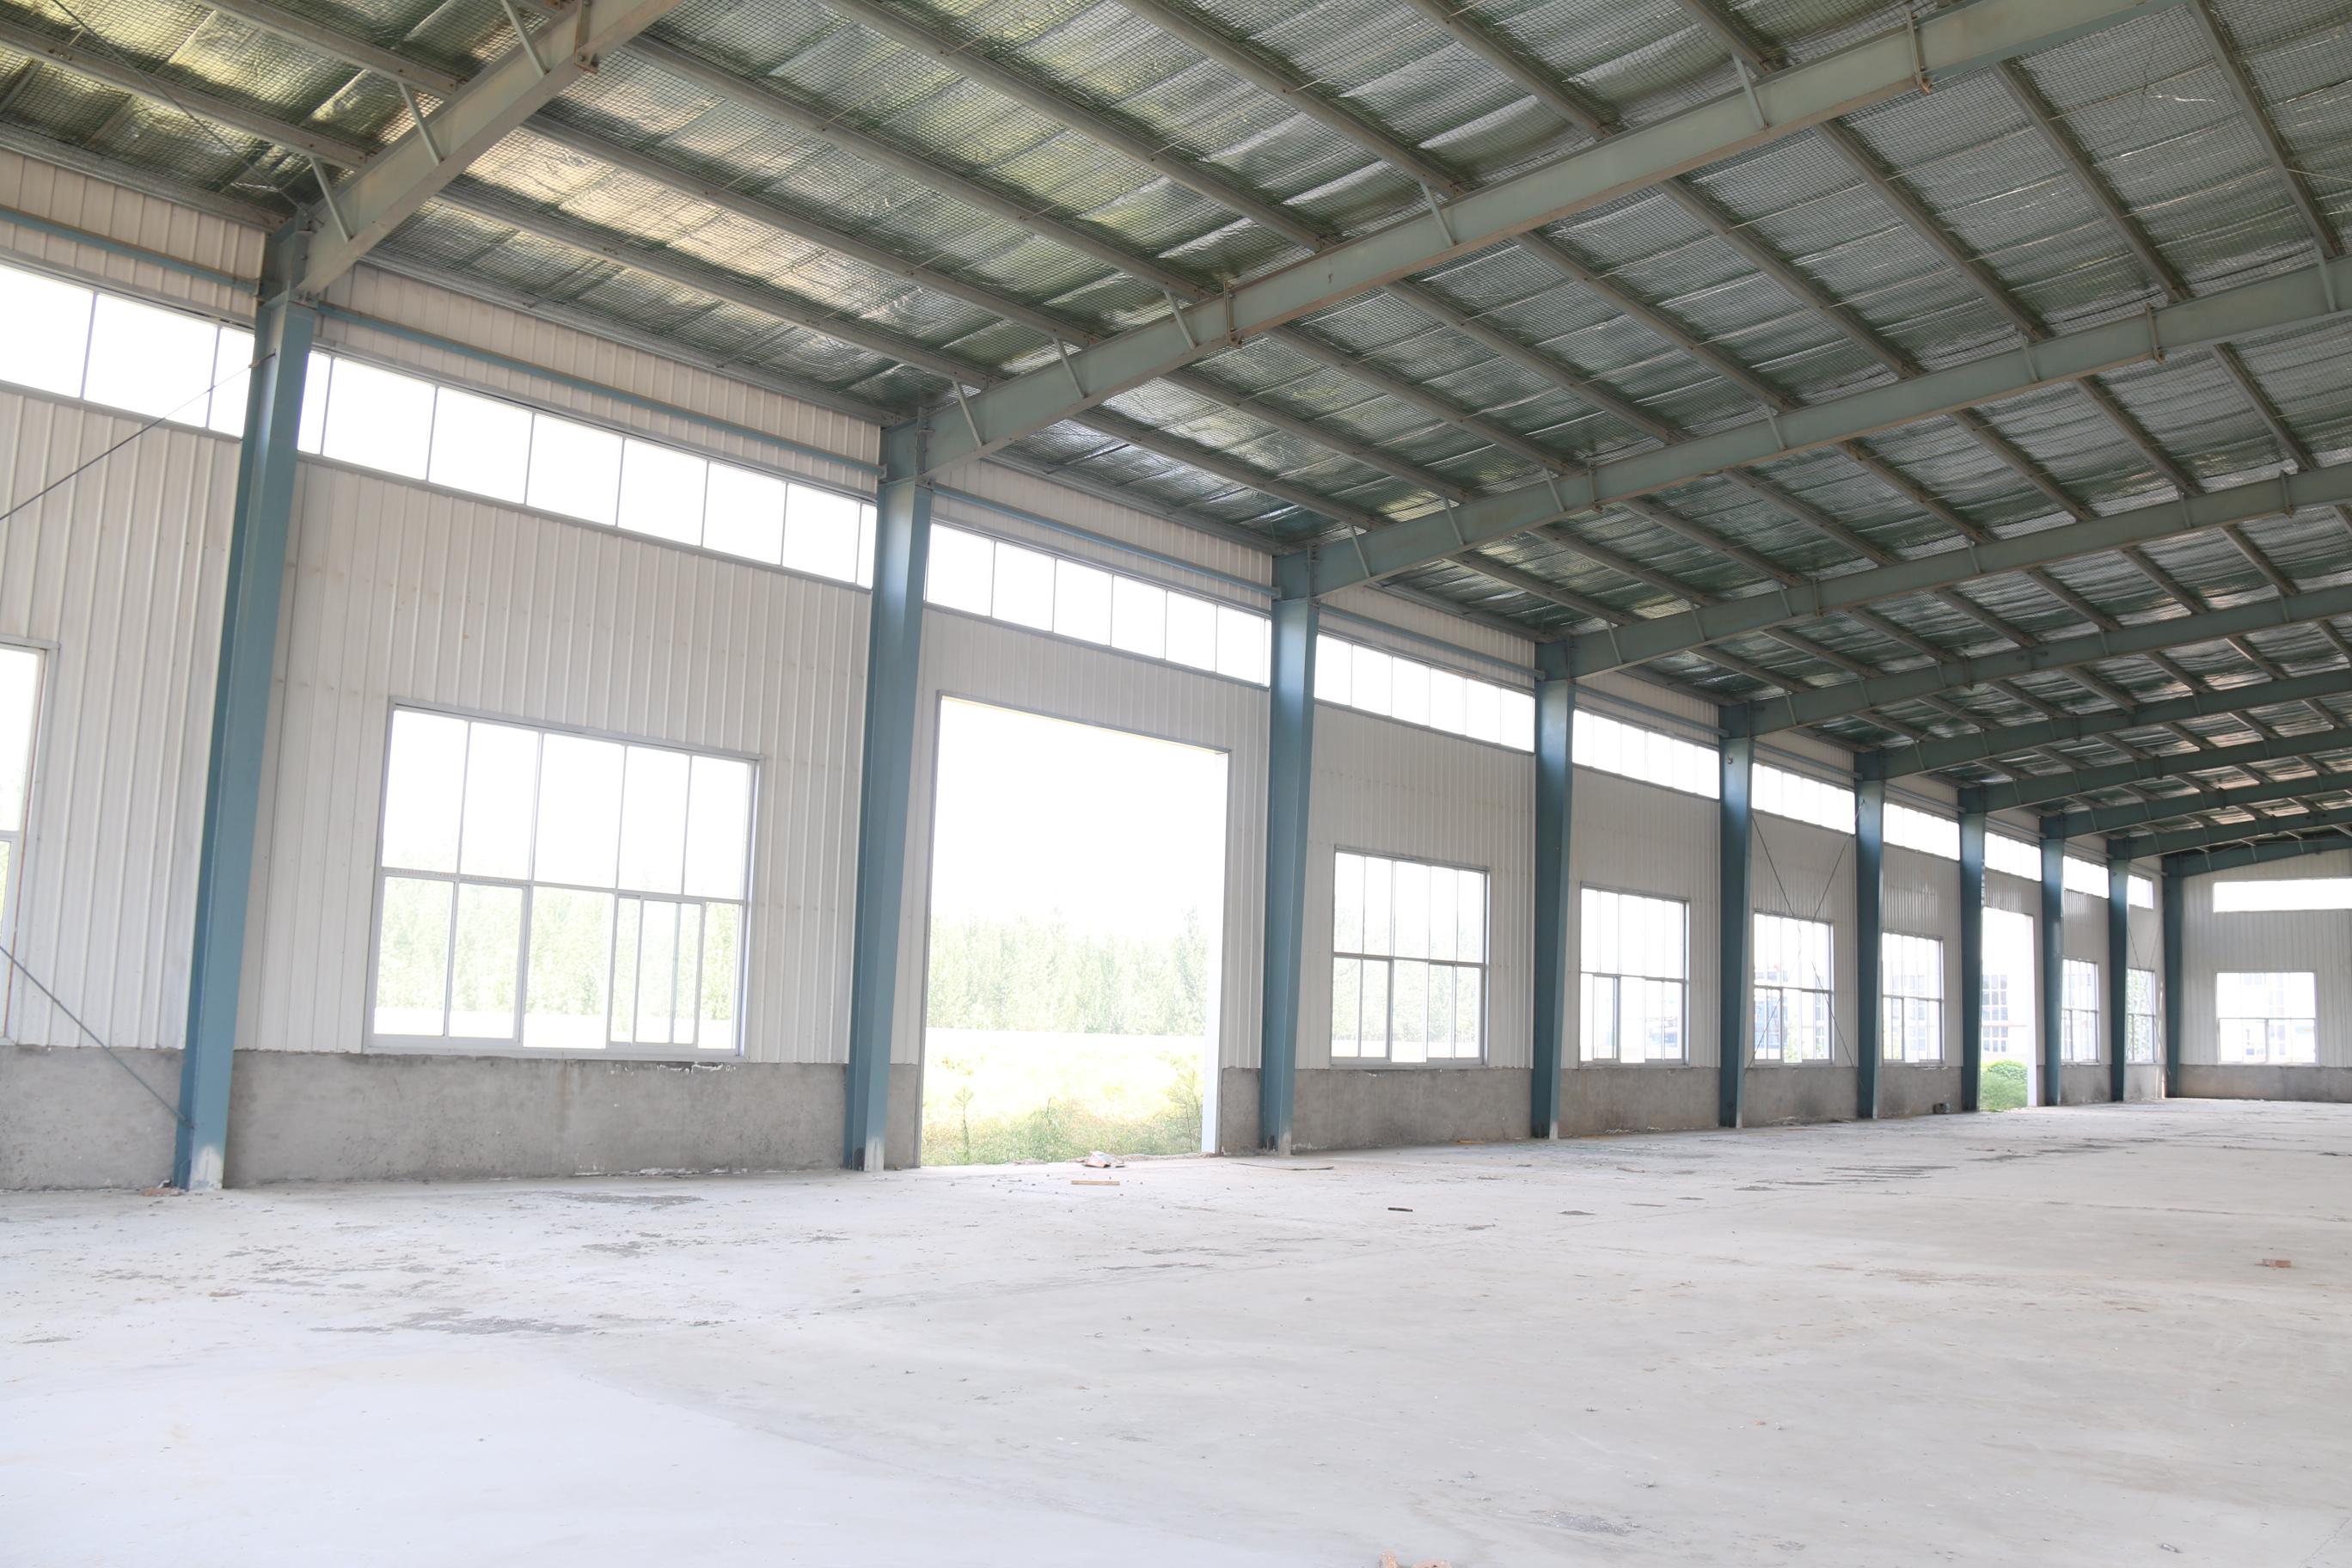 定制大型美观钢结构防火型仓库 空间宽阔采光通风效果